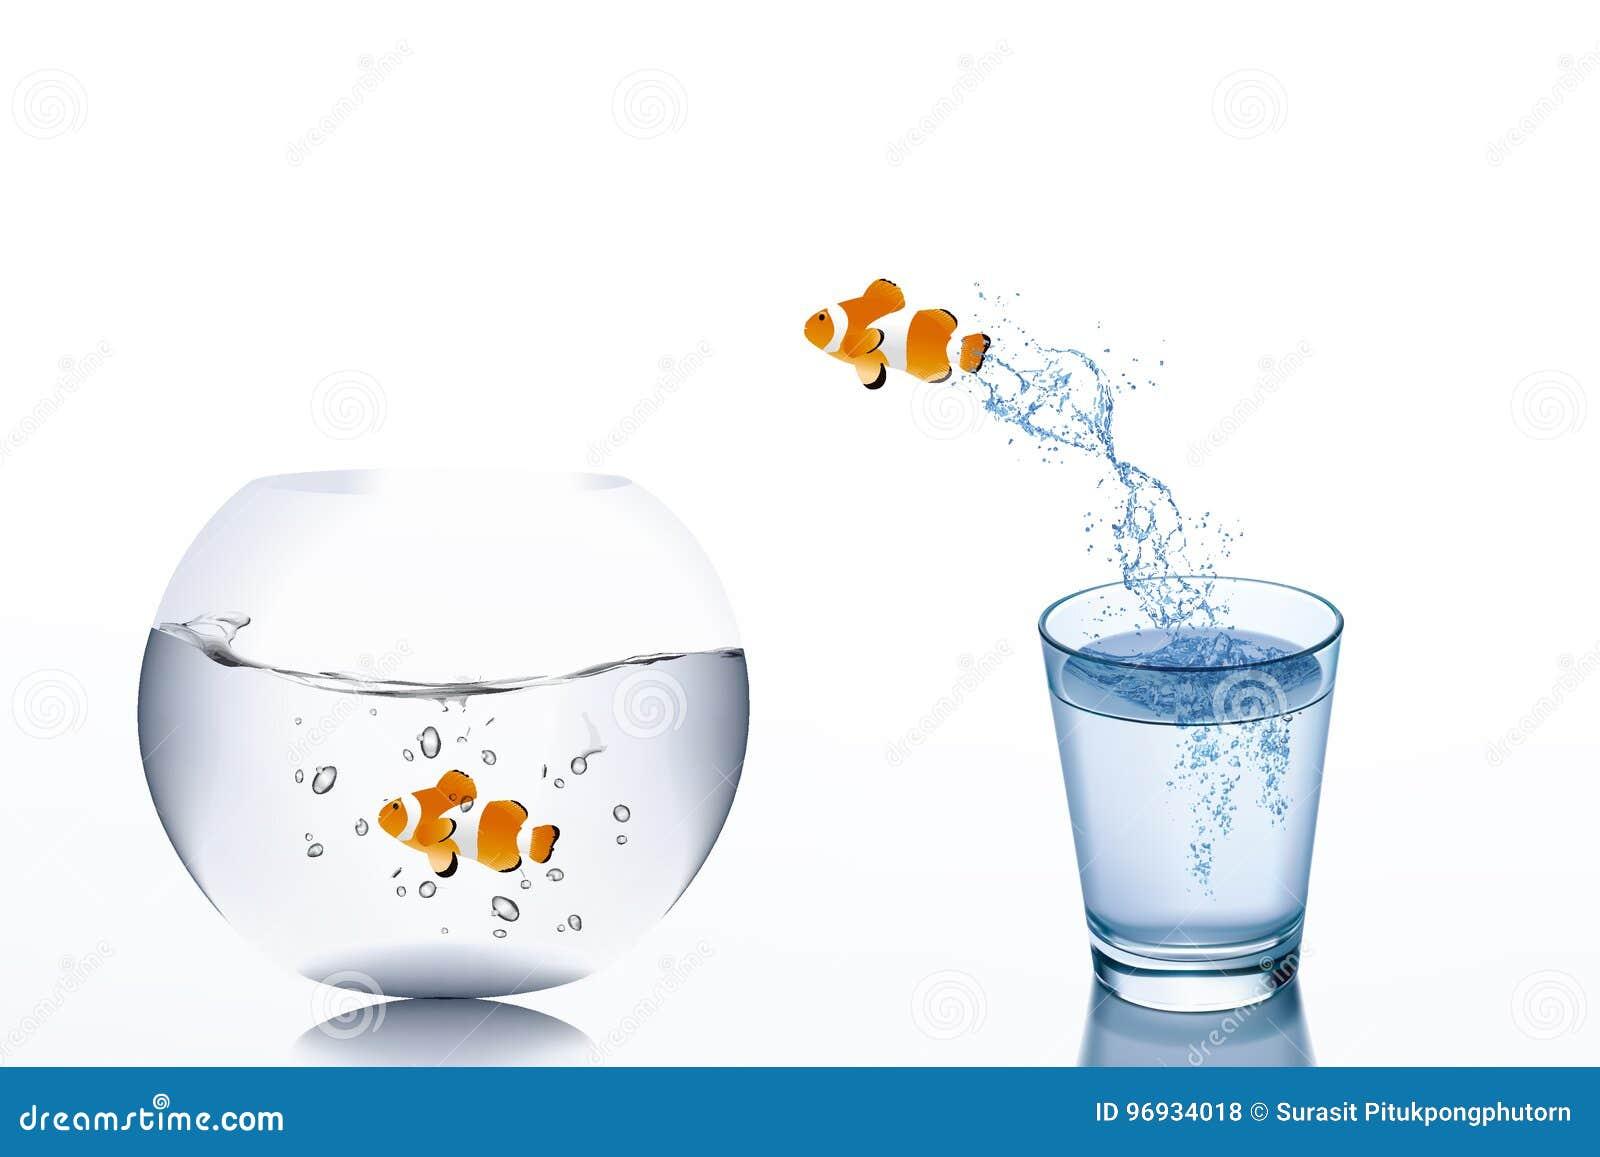 Bedrijfsuitdaging en de Groeiconcept: Goudvisvlucht die van water in glas aan fishbowl springen